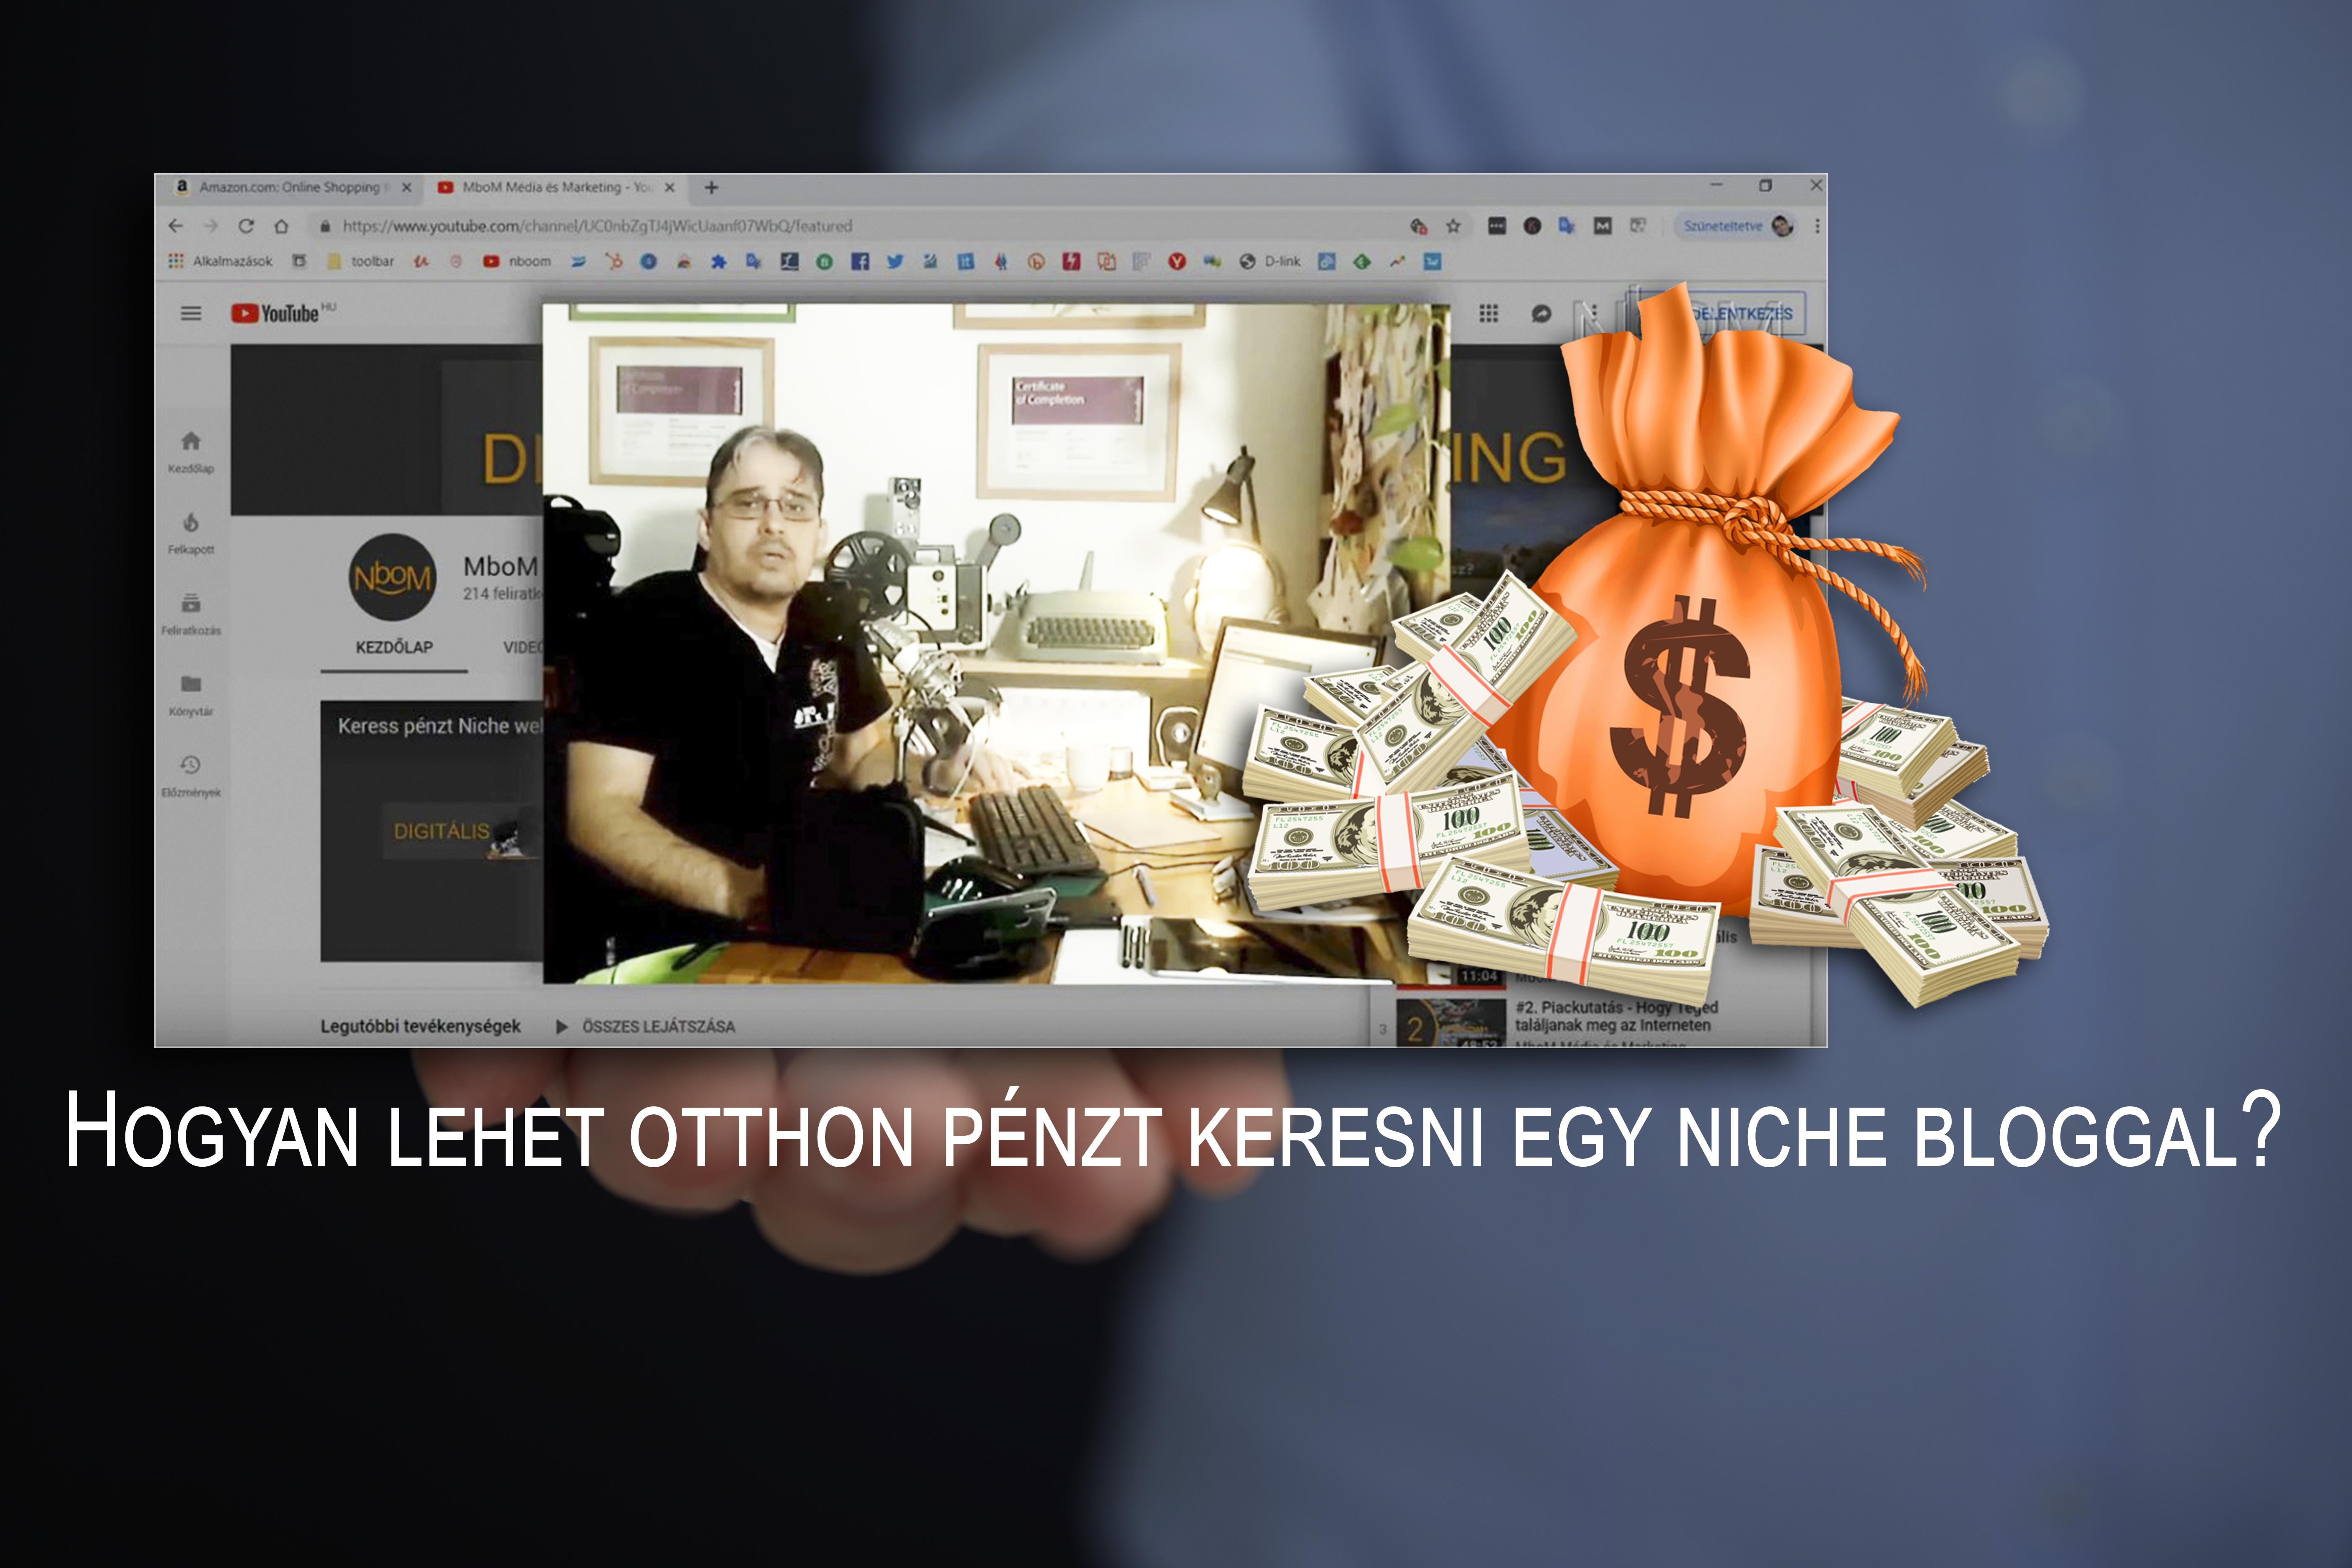 hogyan lehet új pénzt keresni az interneten